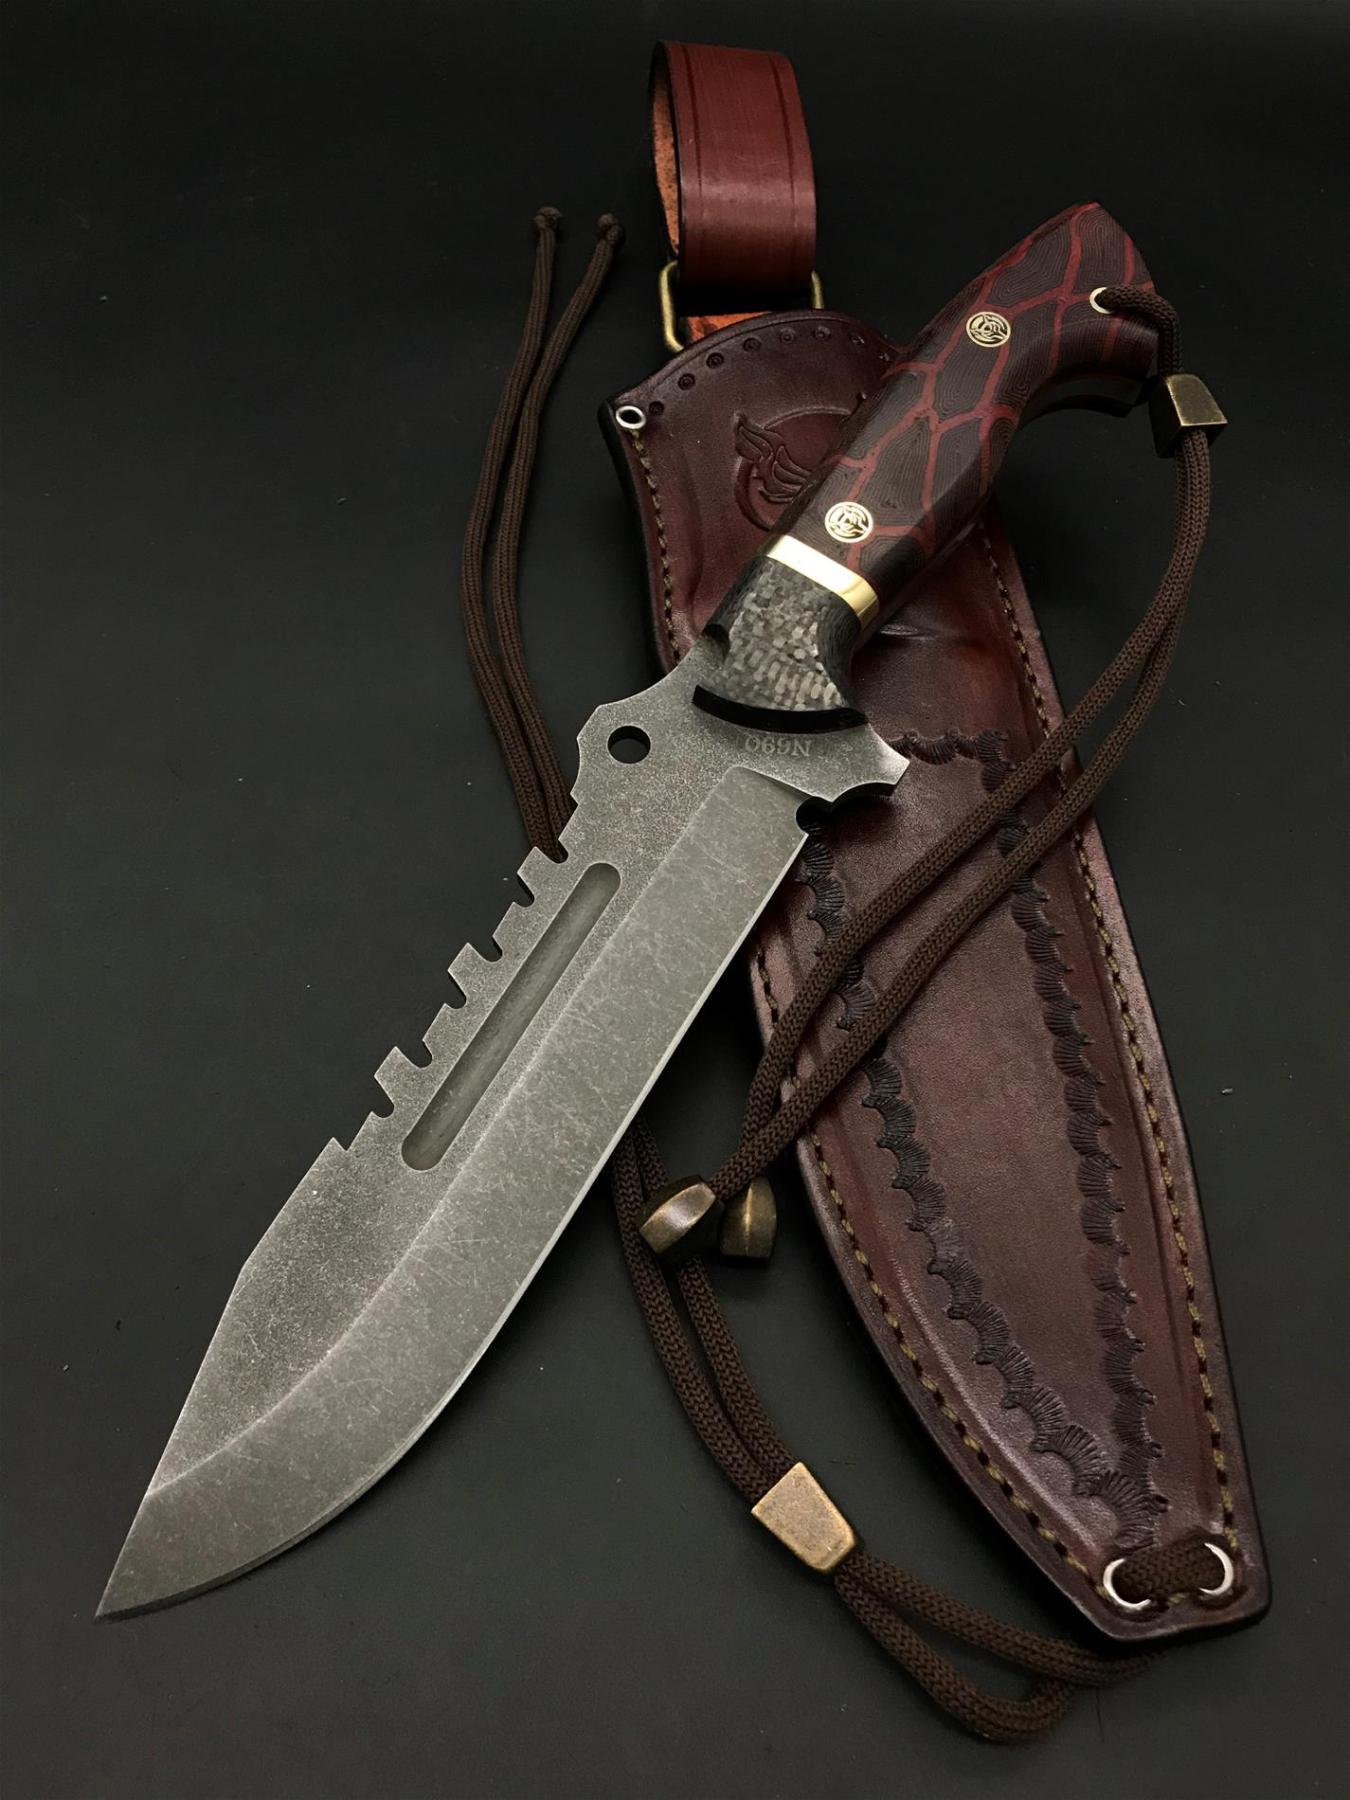 BOHLER N690 Special Design Camping Knife TK15